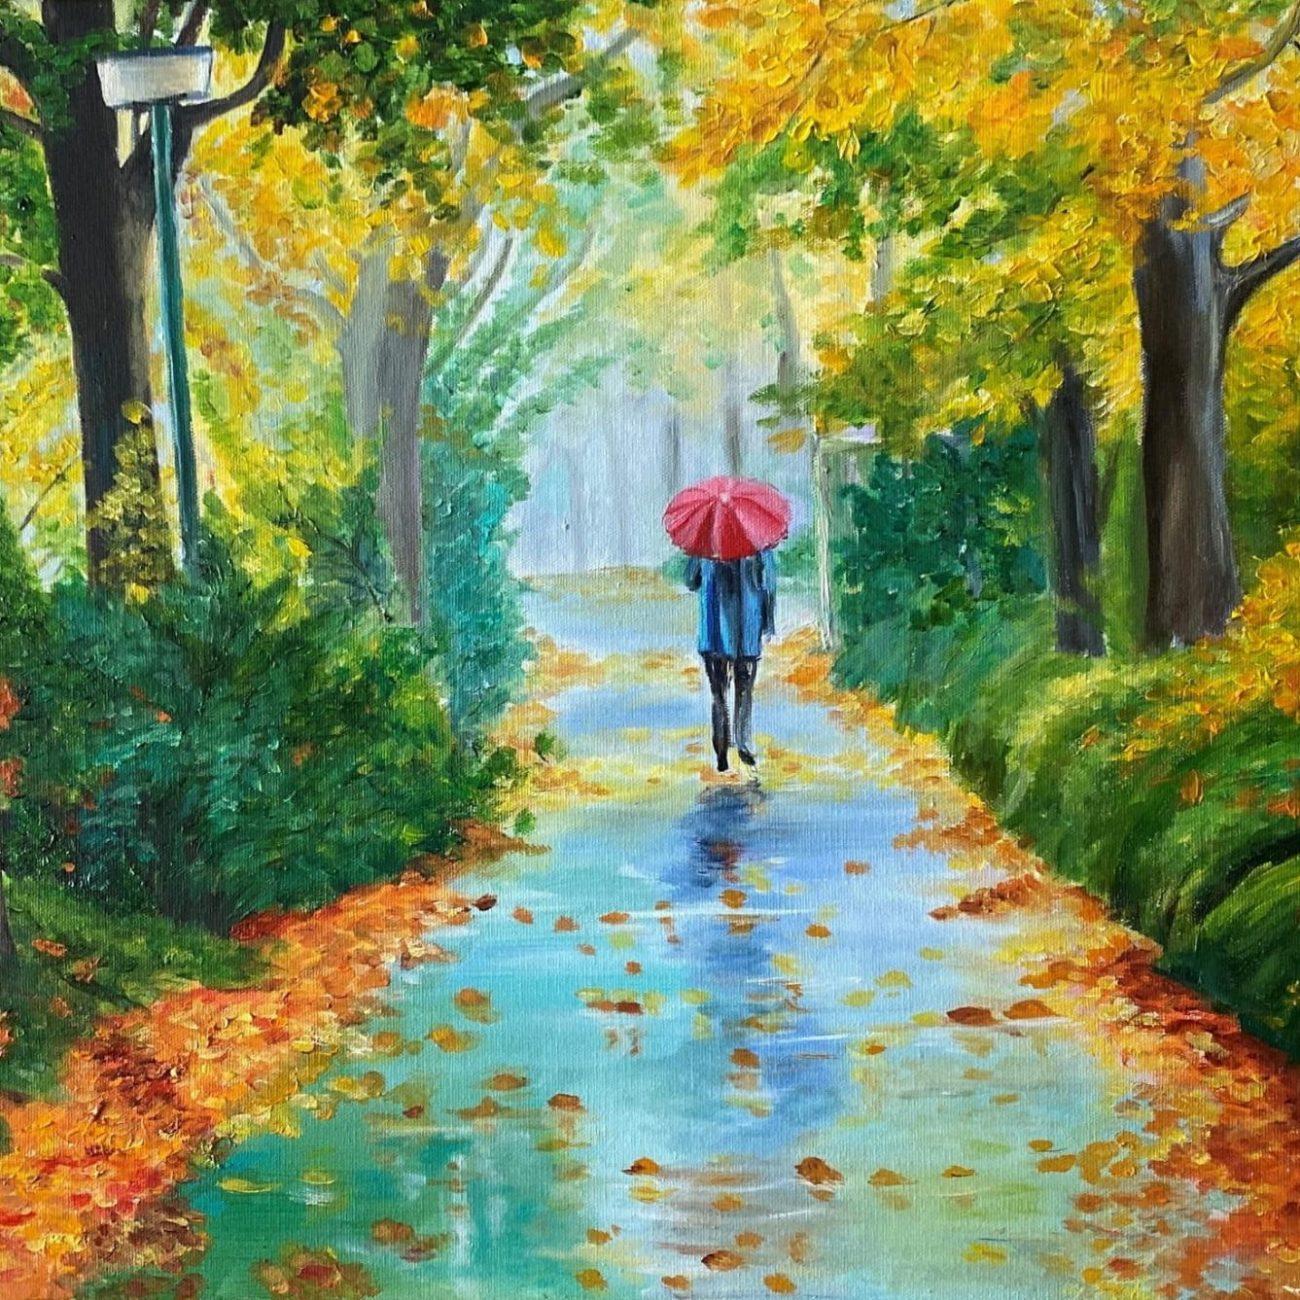 Orman Ve Yağmur  Teknik : Yağlı Boya   Ölçü :60 x 45 cm  Fiyat : 1000 TL